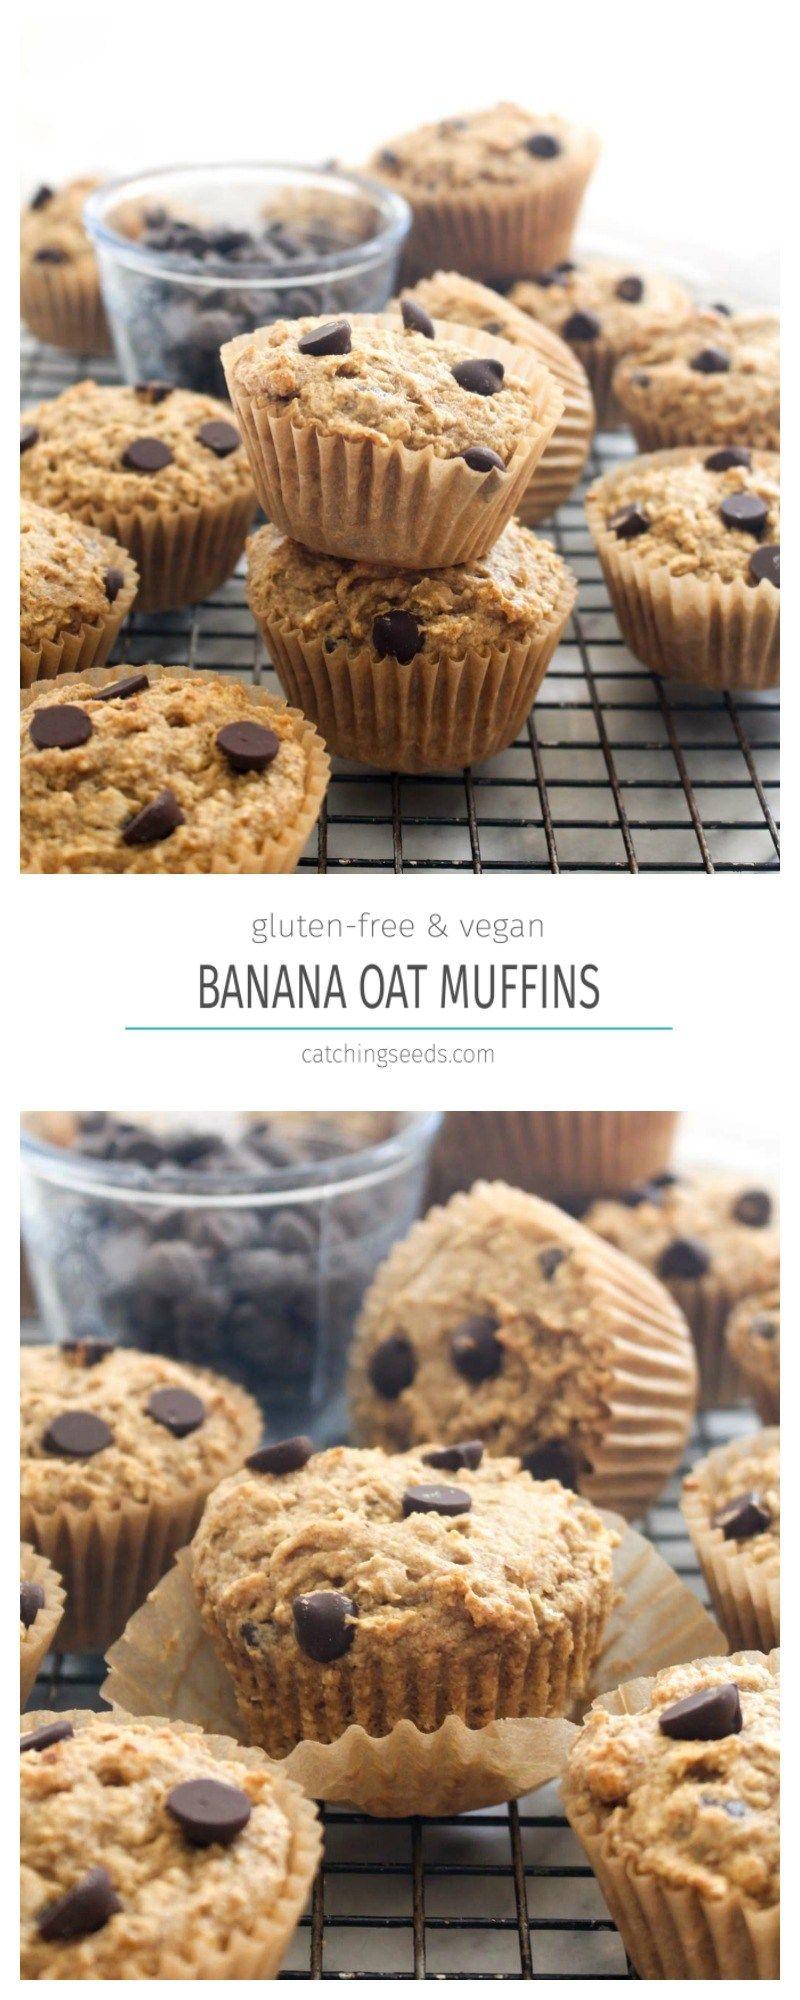 Gluten free banana muffins darn good veggies recipe